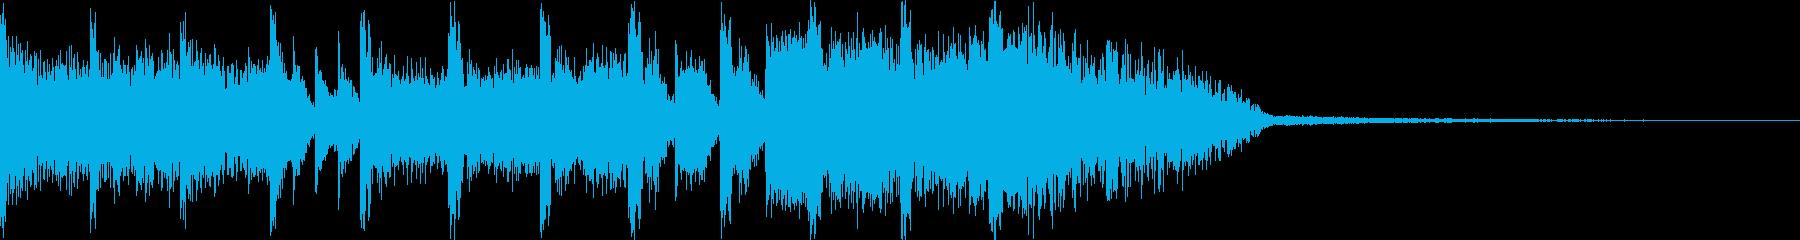 EDMジングル サウンドステッカーですの再生済みの波形